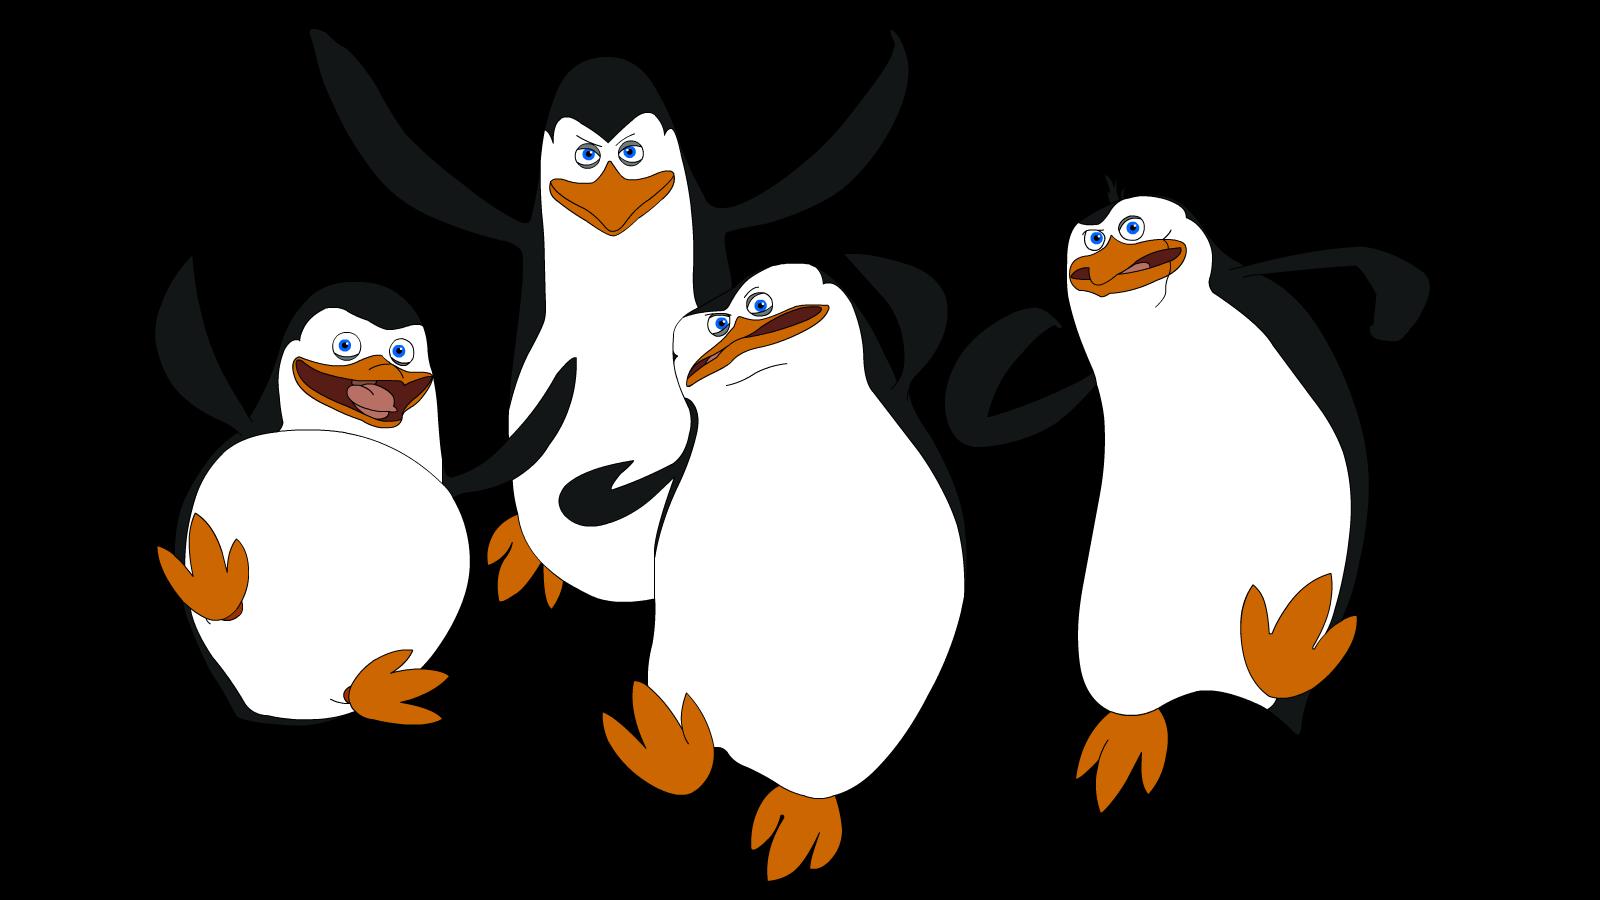 Kumpulan Gambar The penguins of Madagascar | Gambar Lucu ...